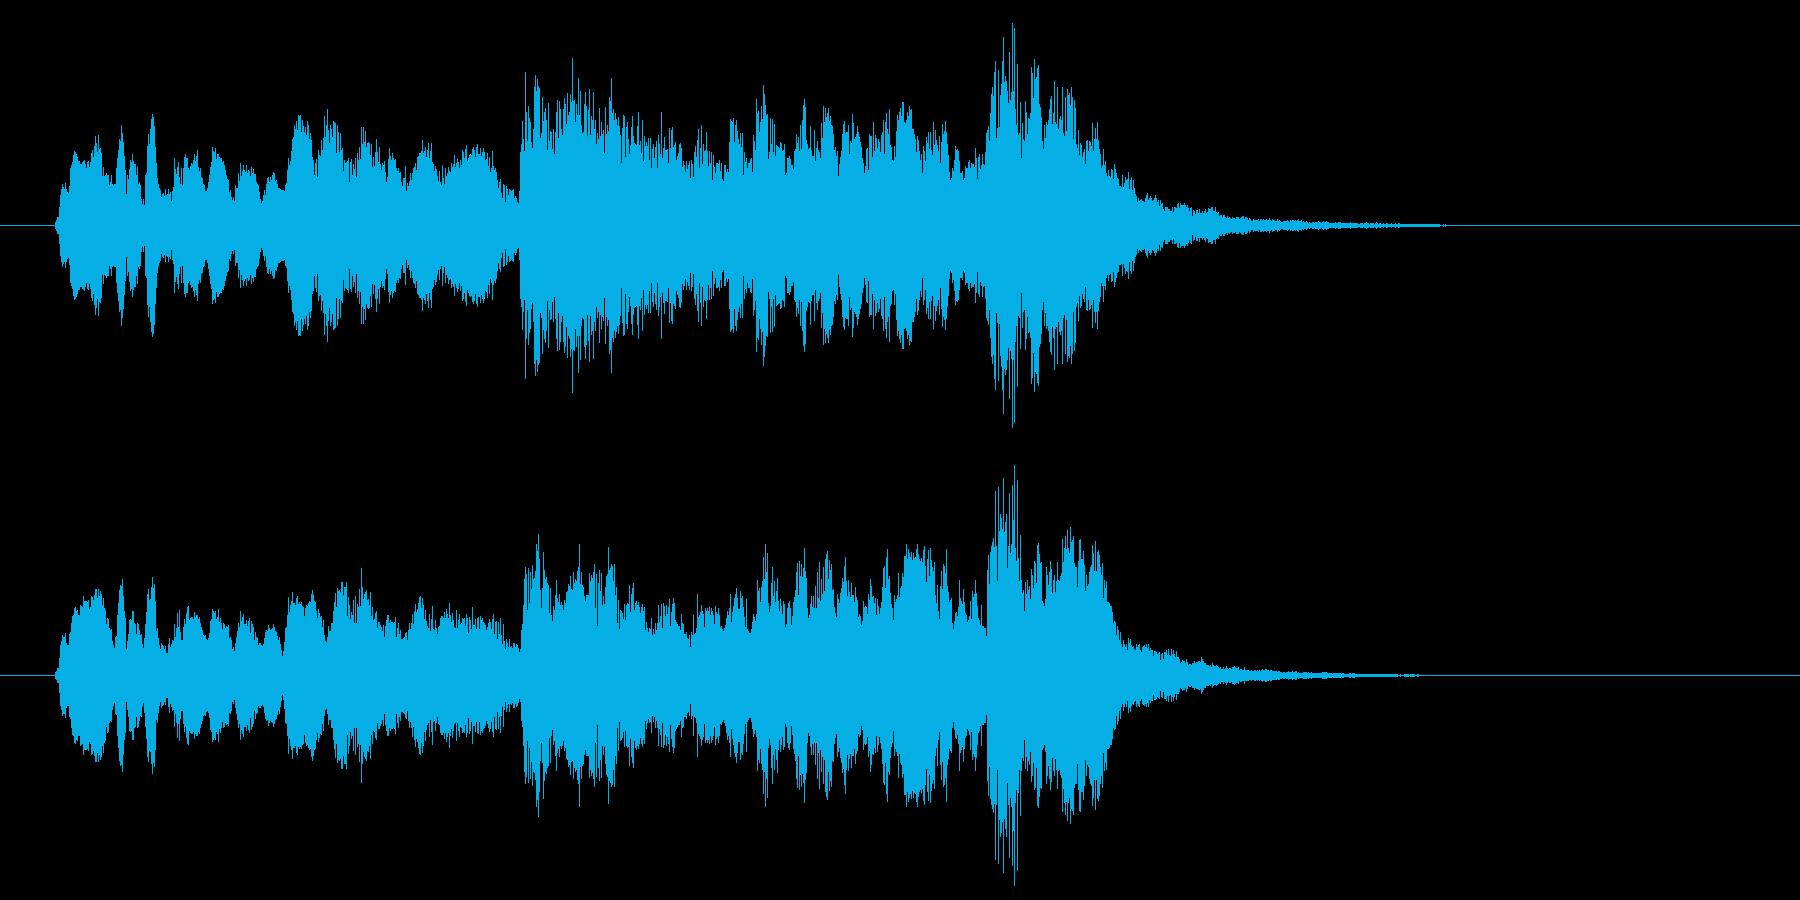 笛とストリングスがワンフレーズを奏でる曲の再生済みの波形